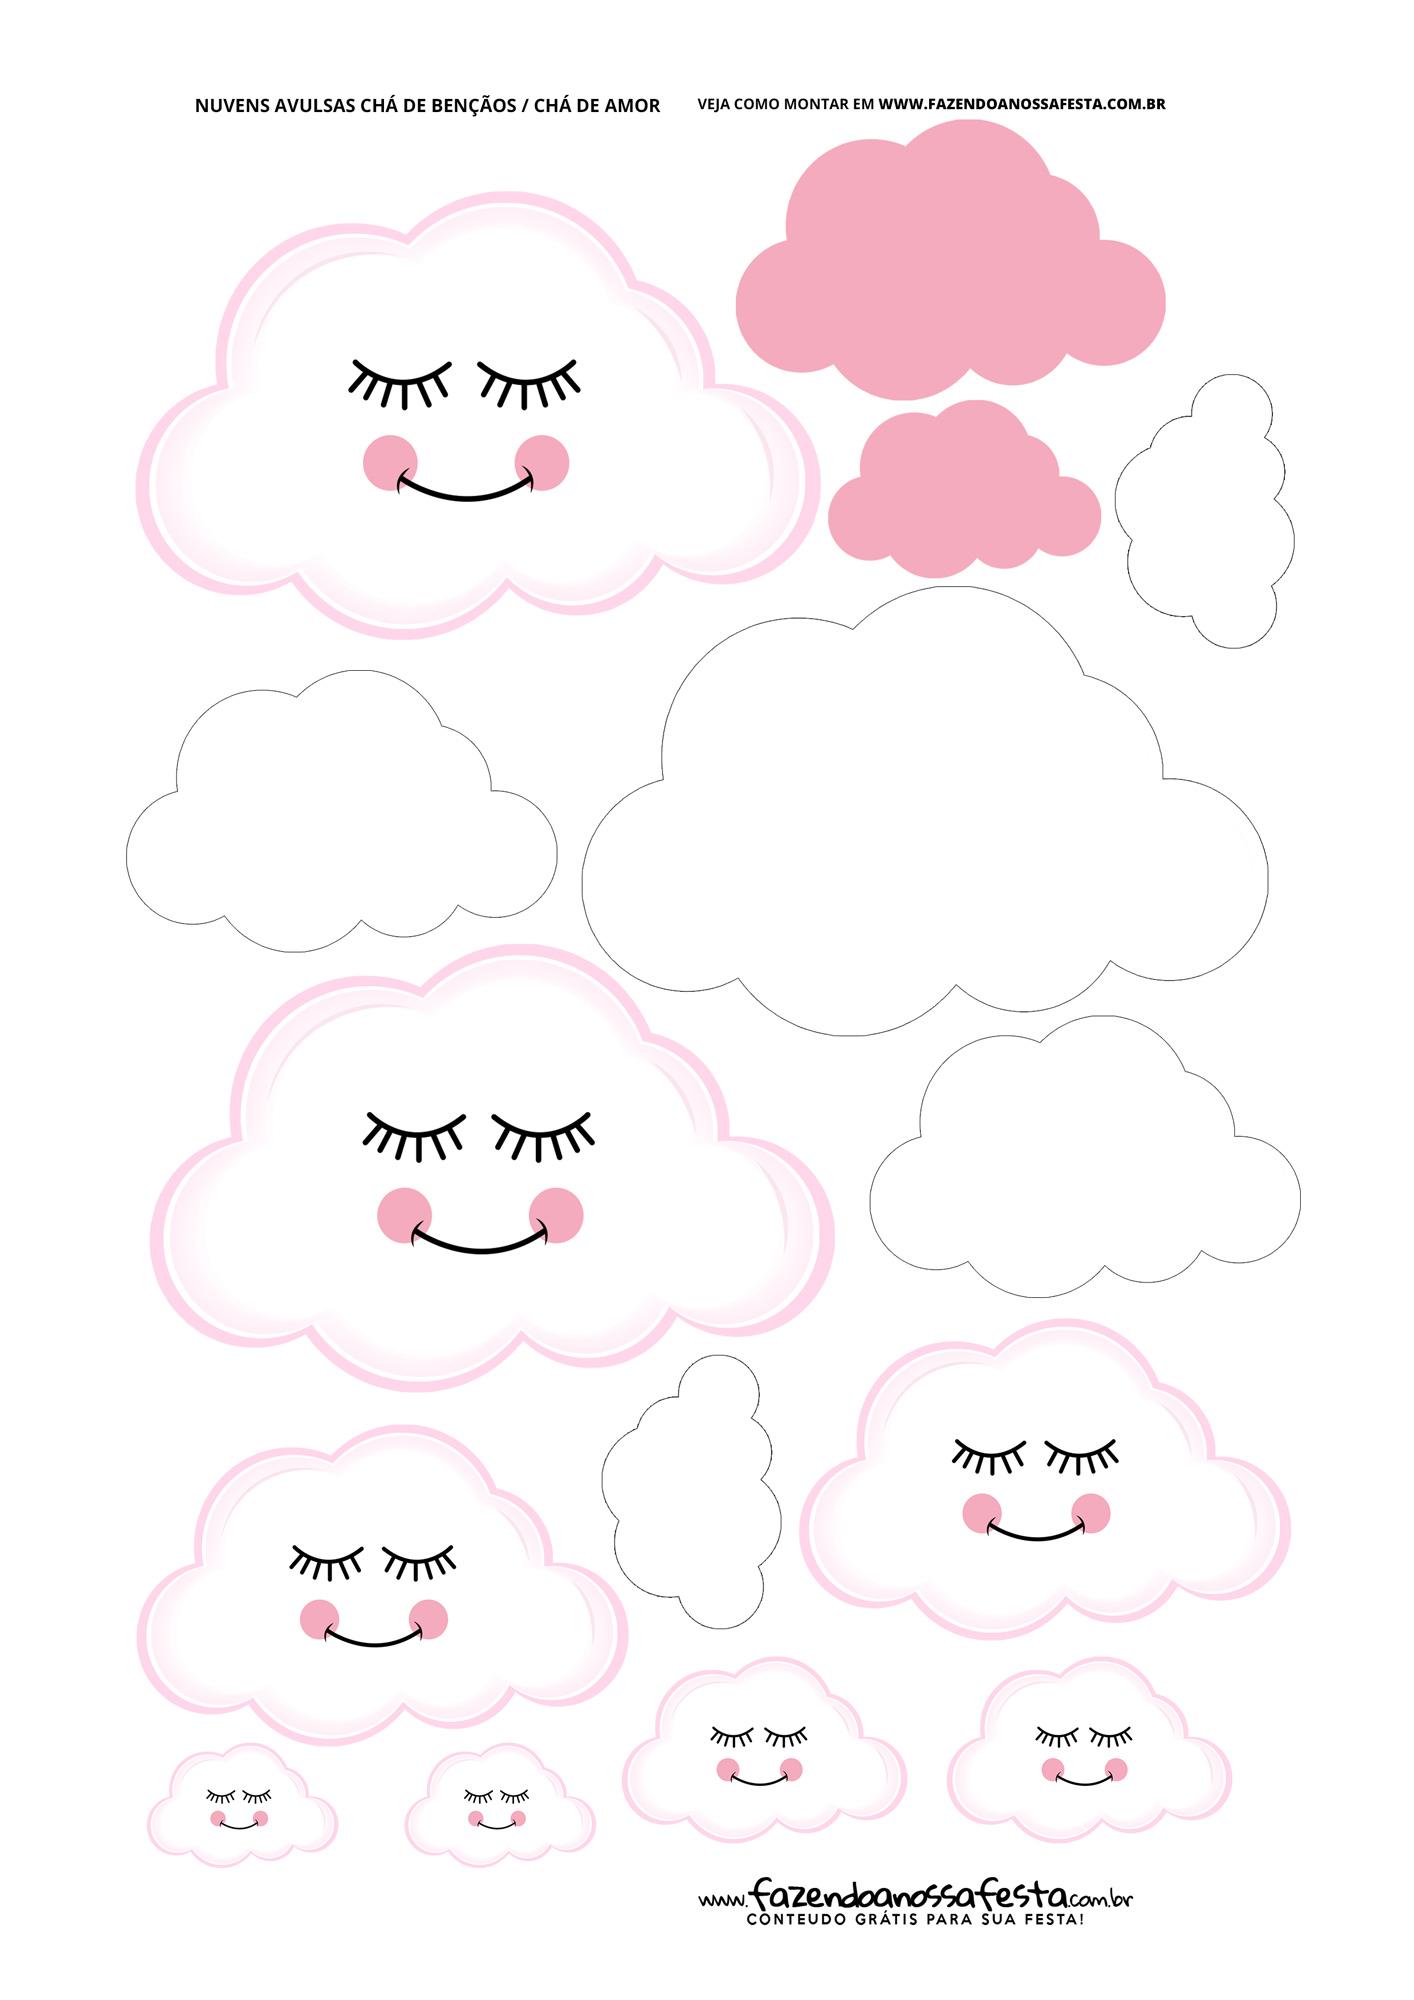 Nuvens para Festa Chuva de Amor